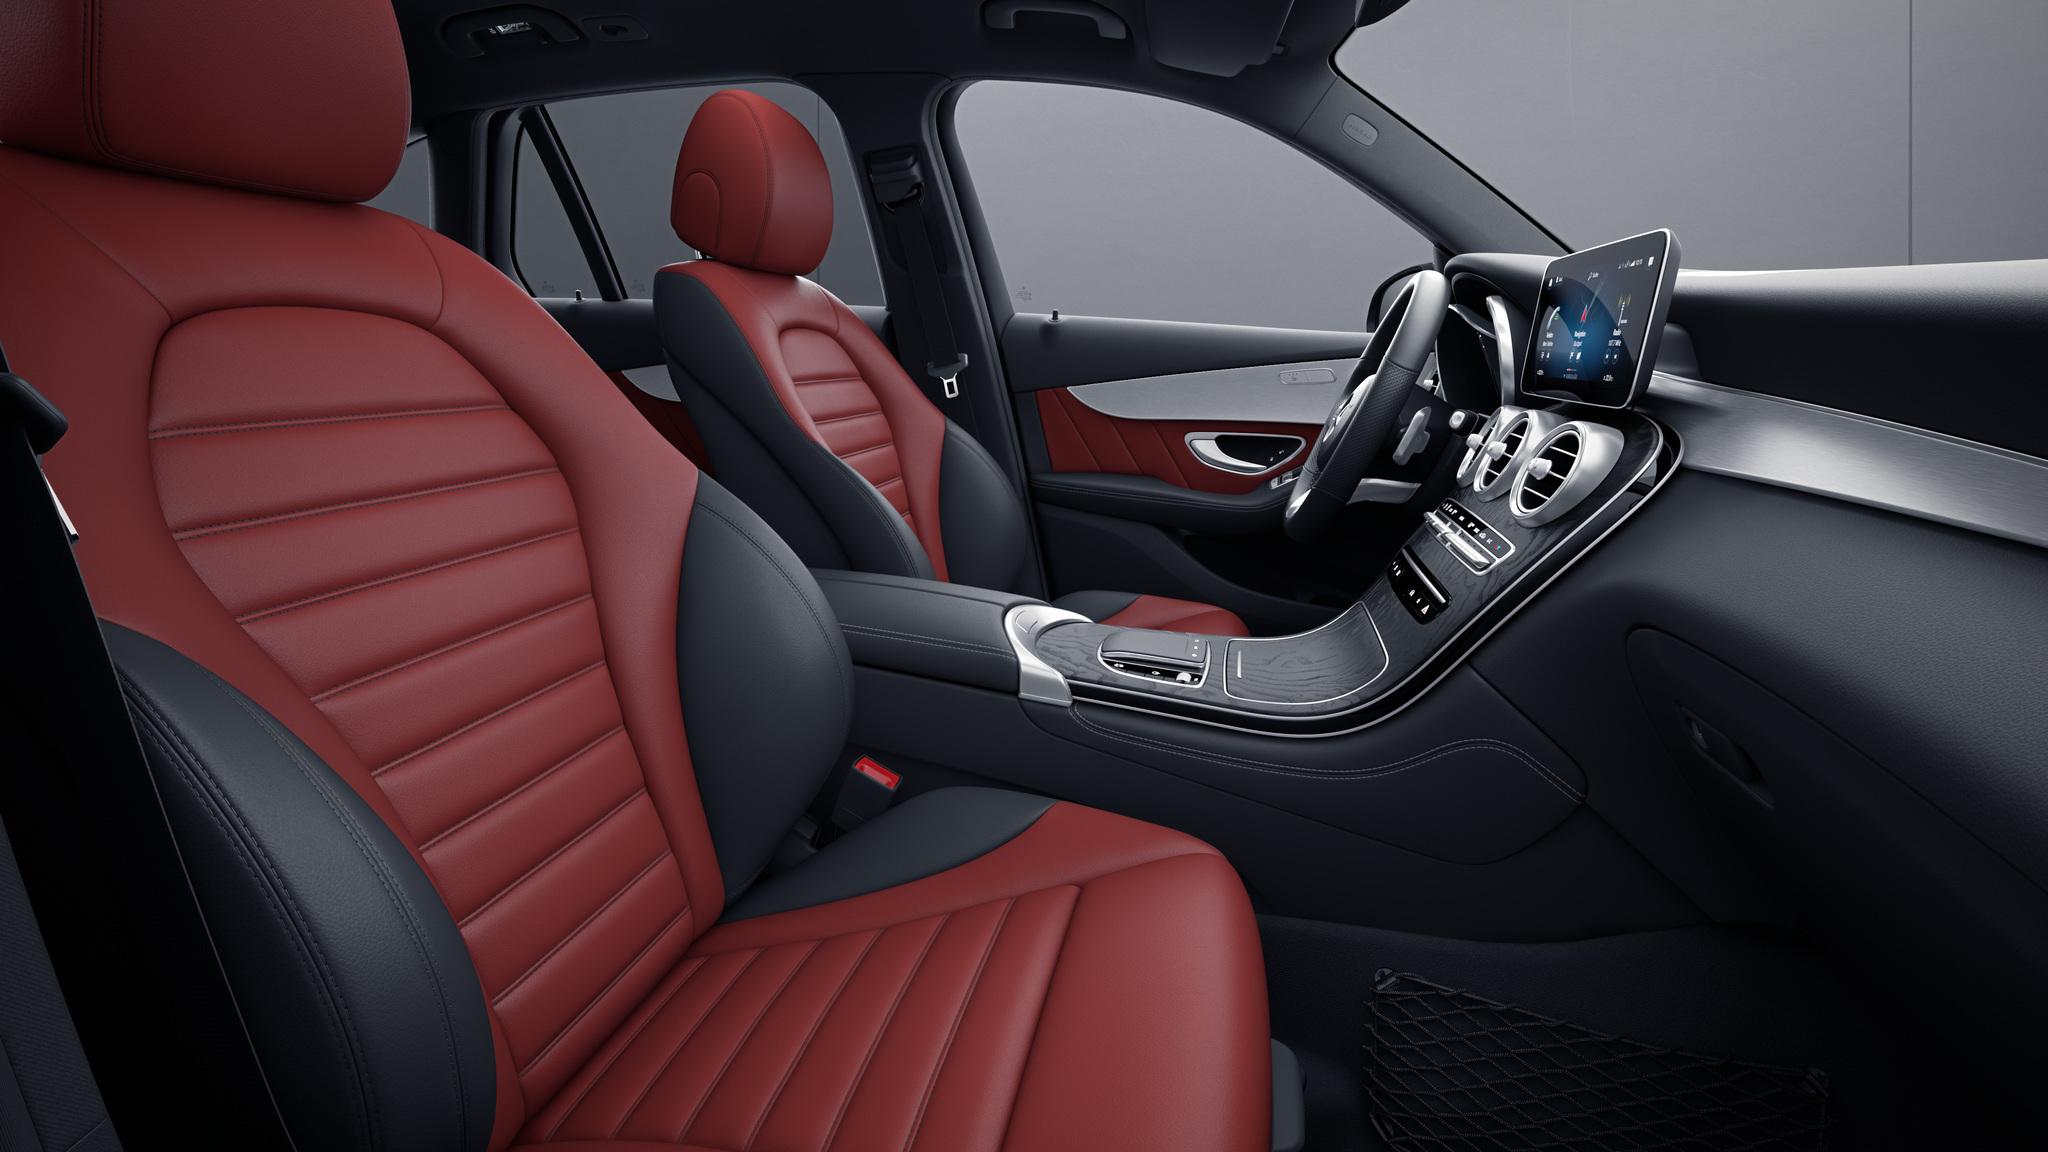 Habitacle de la Mercedes GLC Coupé avec une Sellerie cuir bicolore - rouge cranberry noir